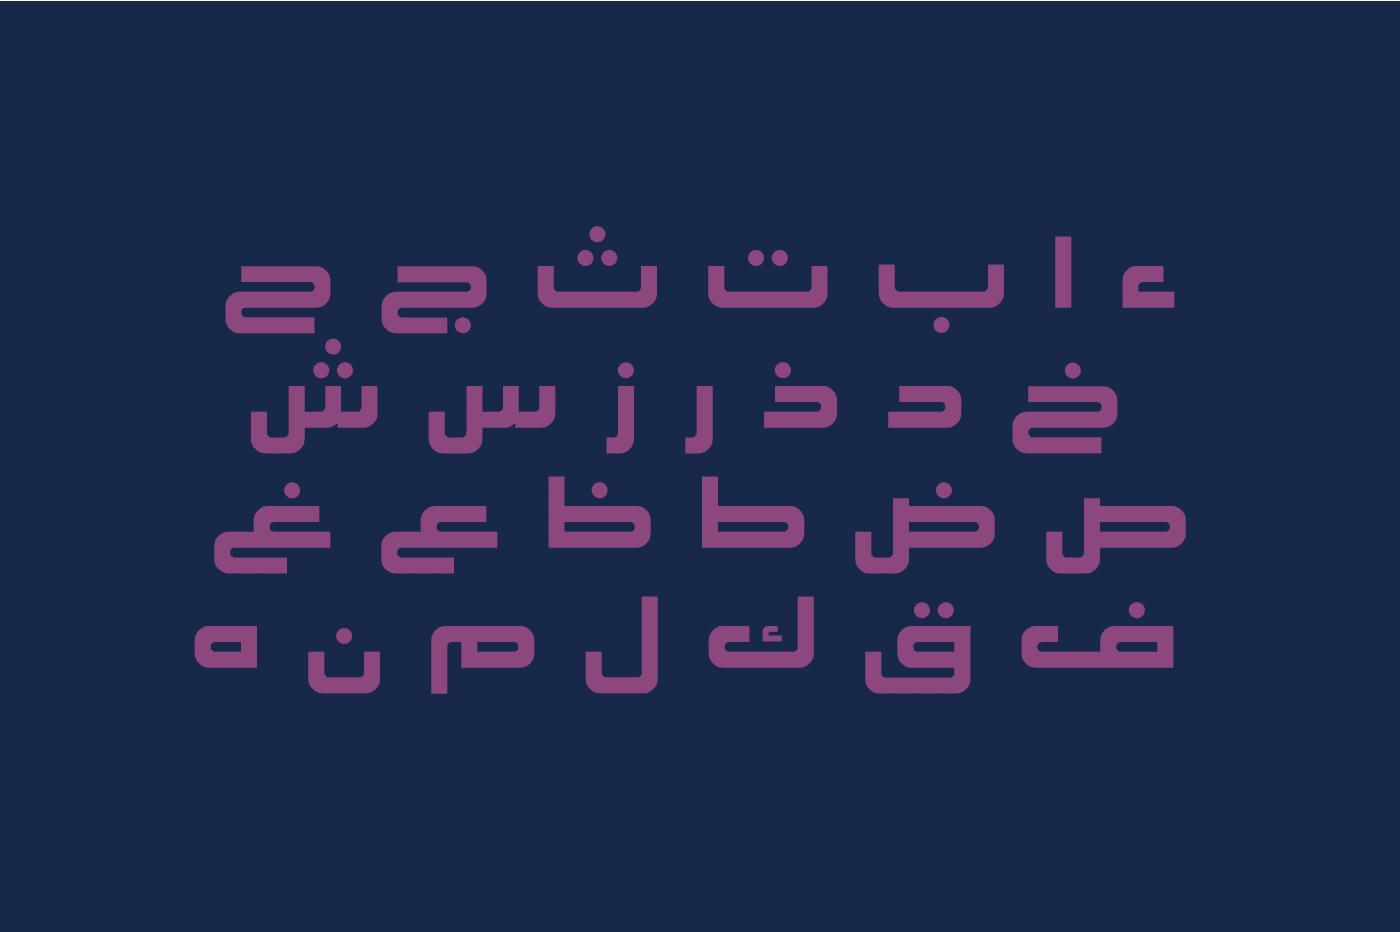 تحميل خط كشيدة العربي الرائع بوزنين مختلفين - Download kasheed font